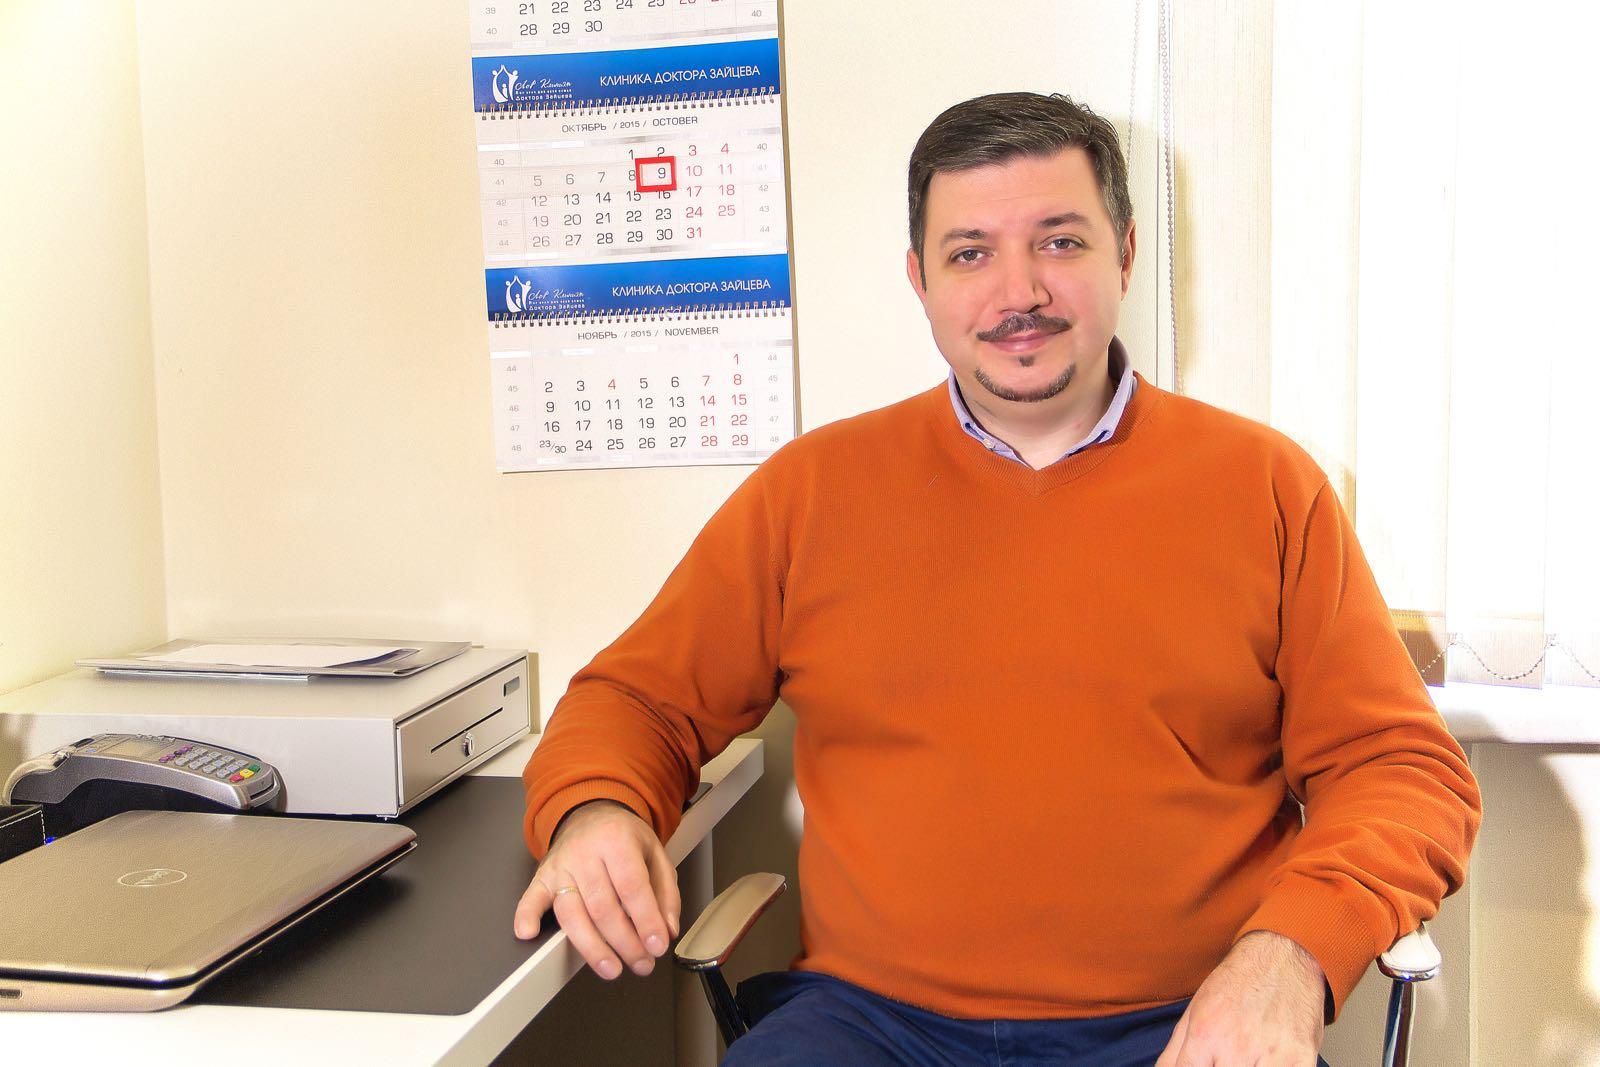 Офтальмологическая клиника три-з краснодар отзывы